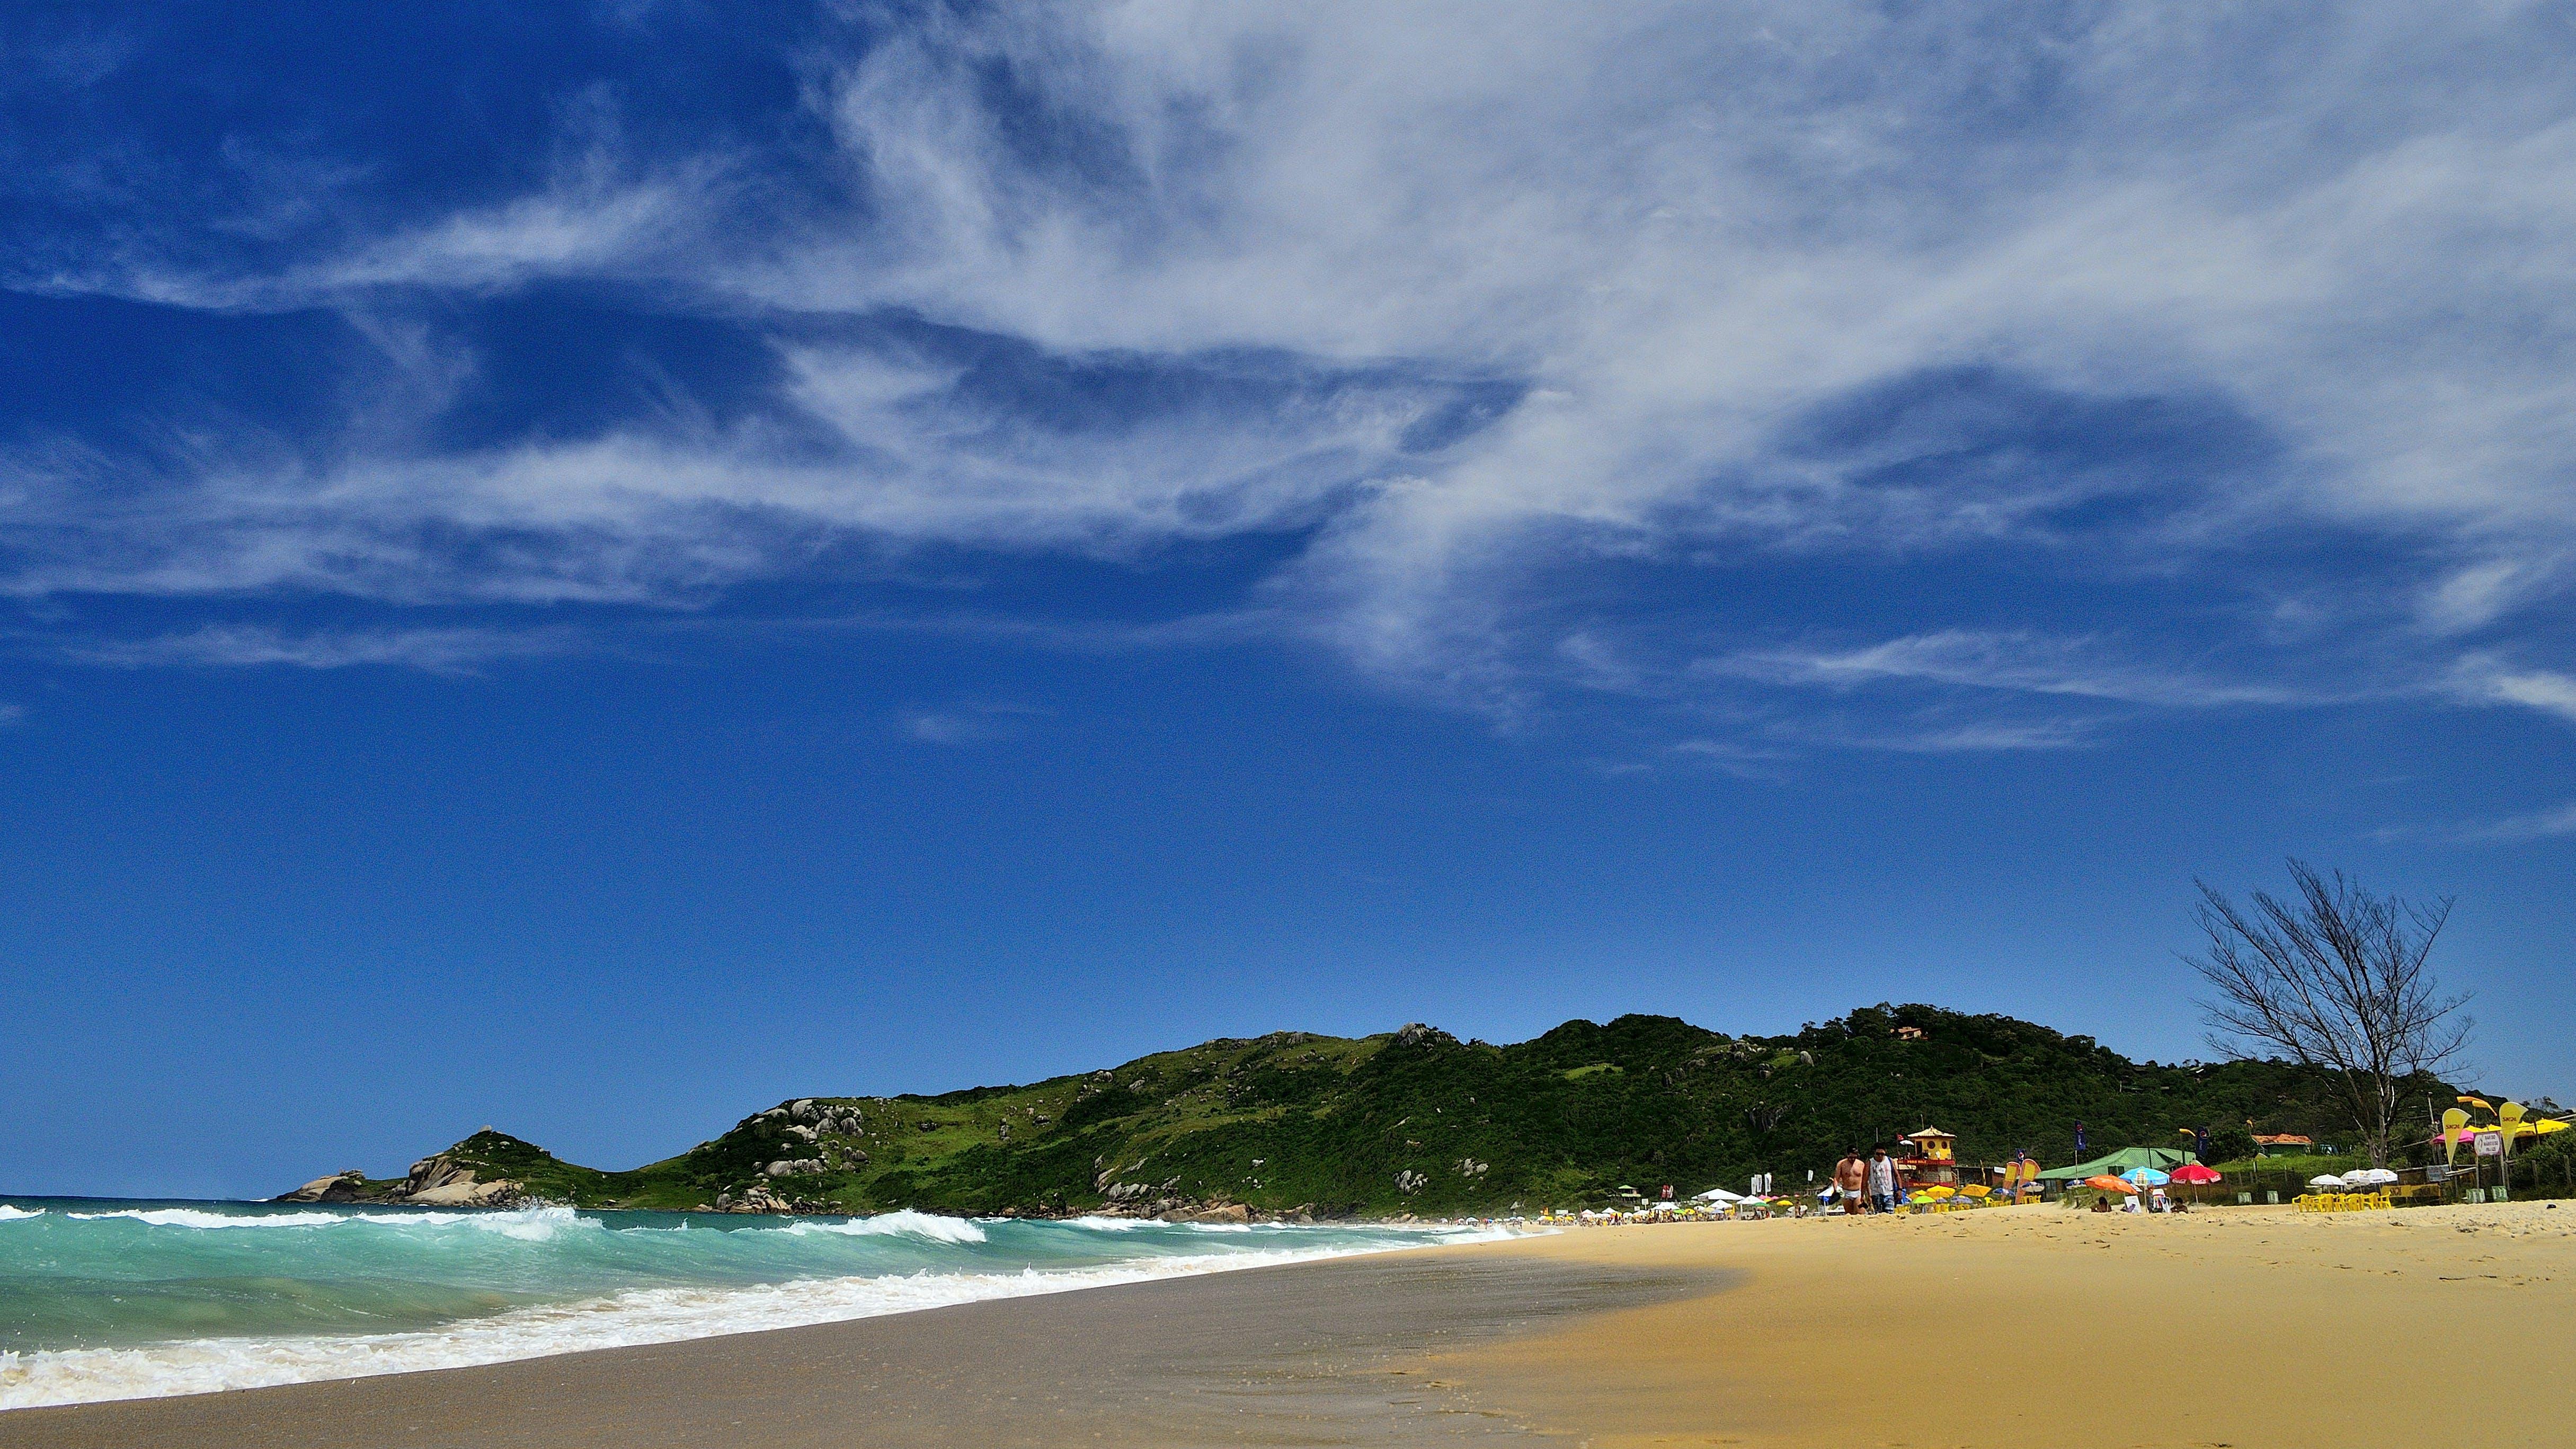 na tému krajina pri mori, more, morský breh, obloha